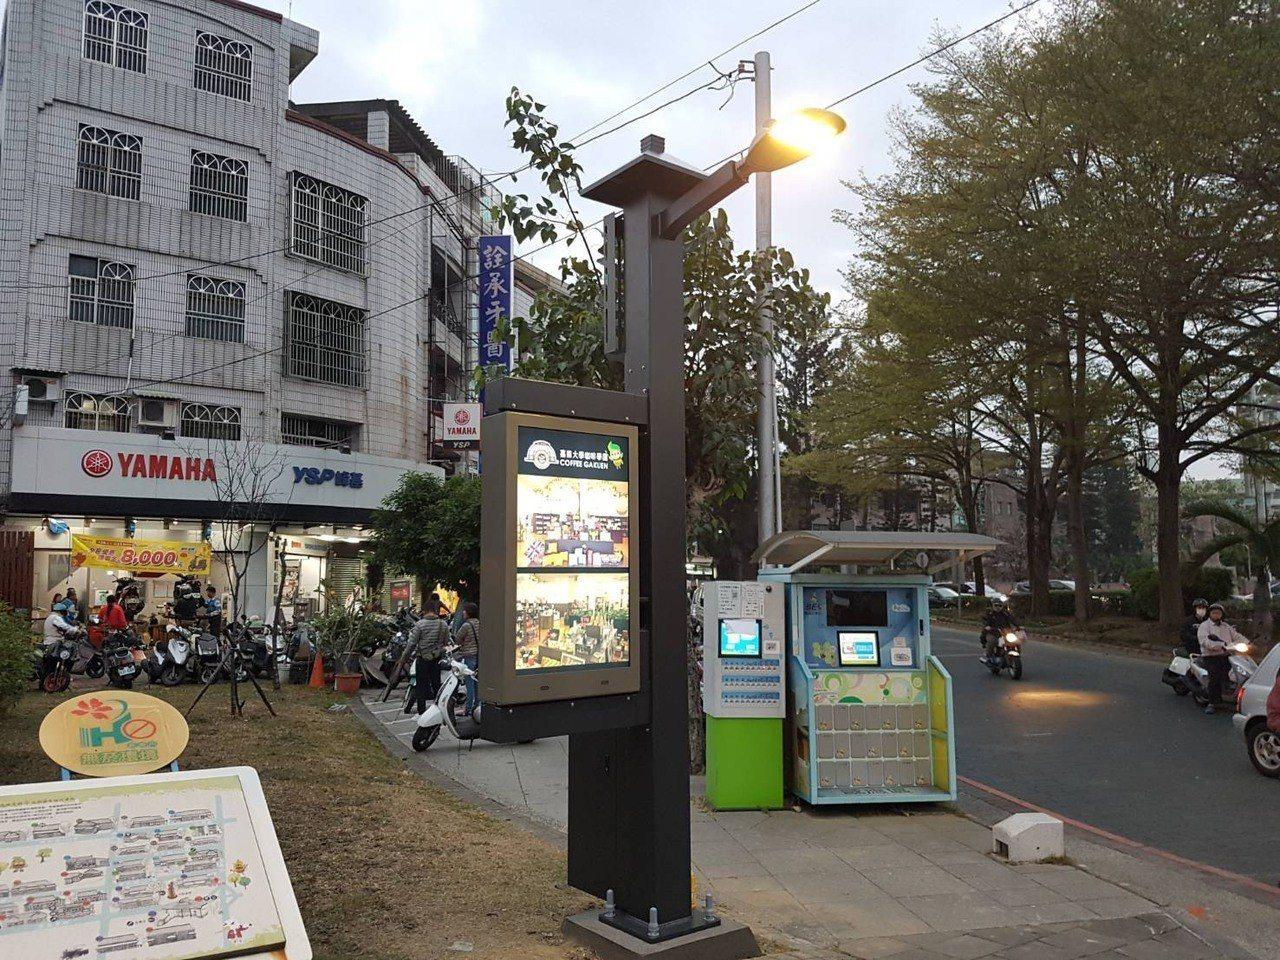 嘉義市府推智慧路燈,也是導入Wi-Fi系統, 未來希望蒐集空氣品質、人流和水位偵...